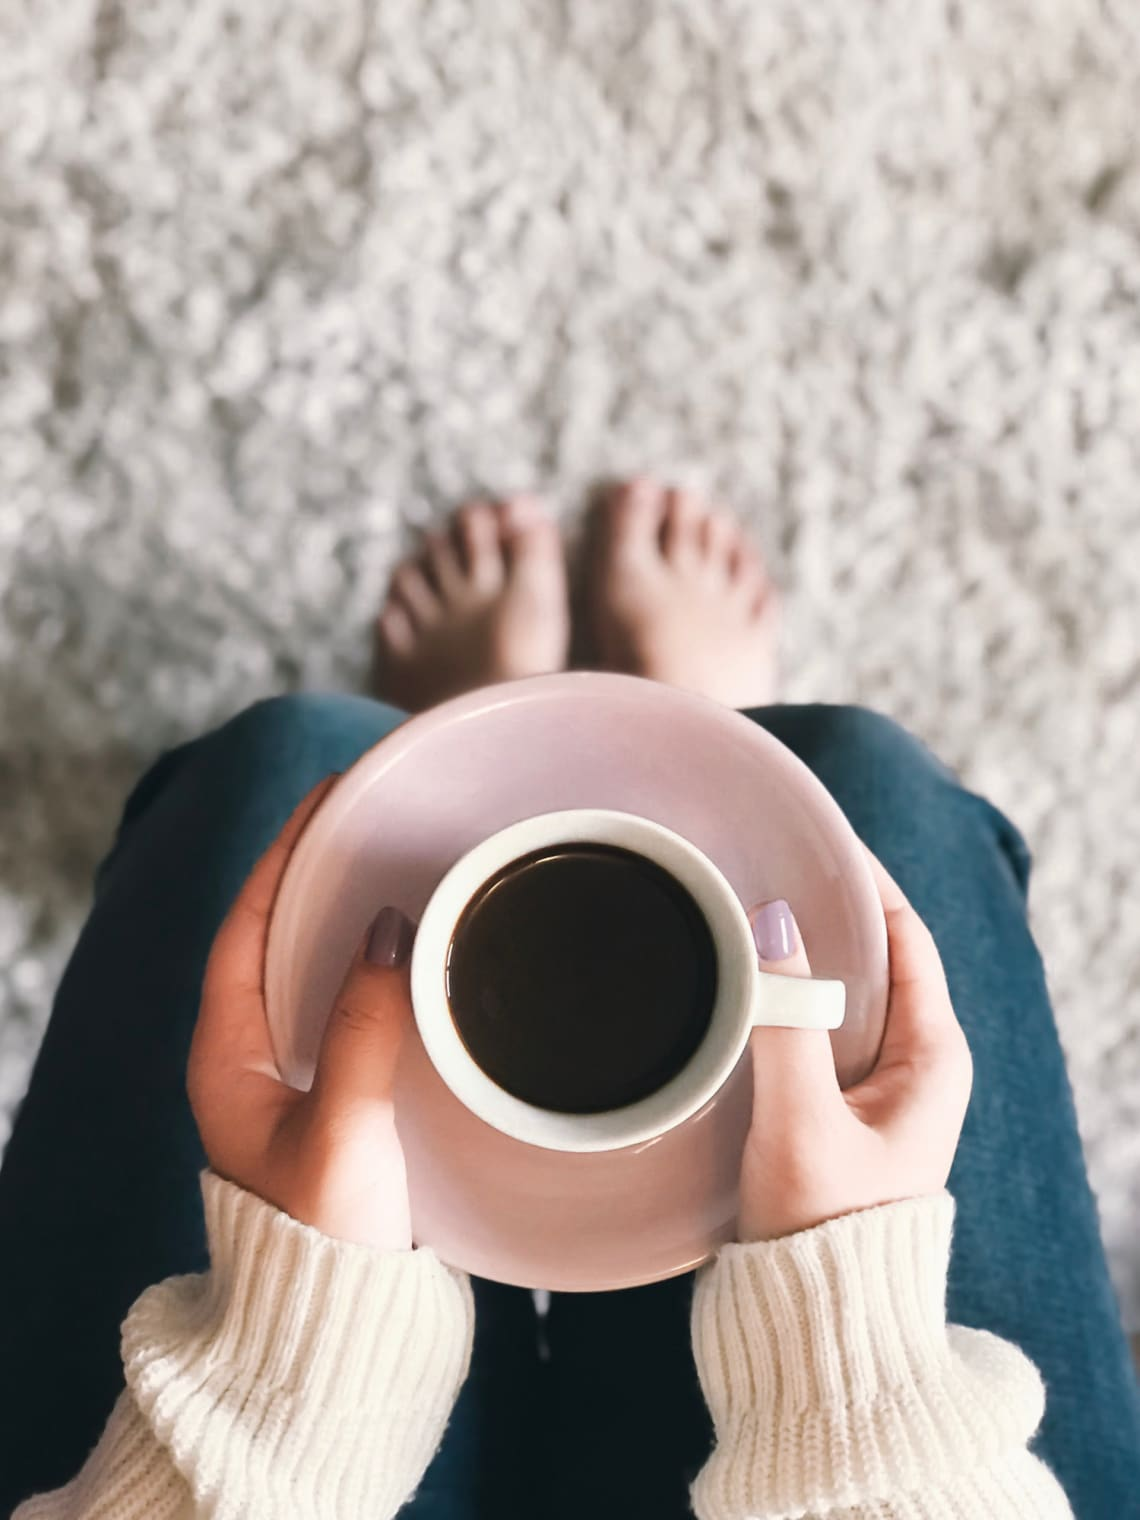 Itt az igazság a koffeinmentes kávéról: Tényleg egészségesebb?